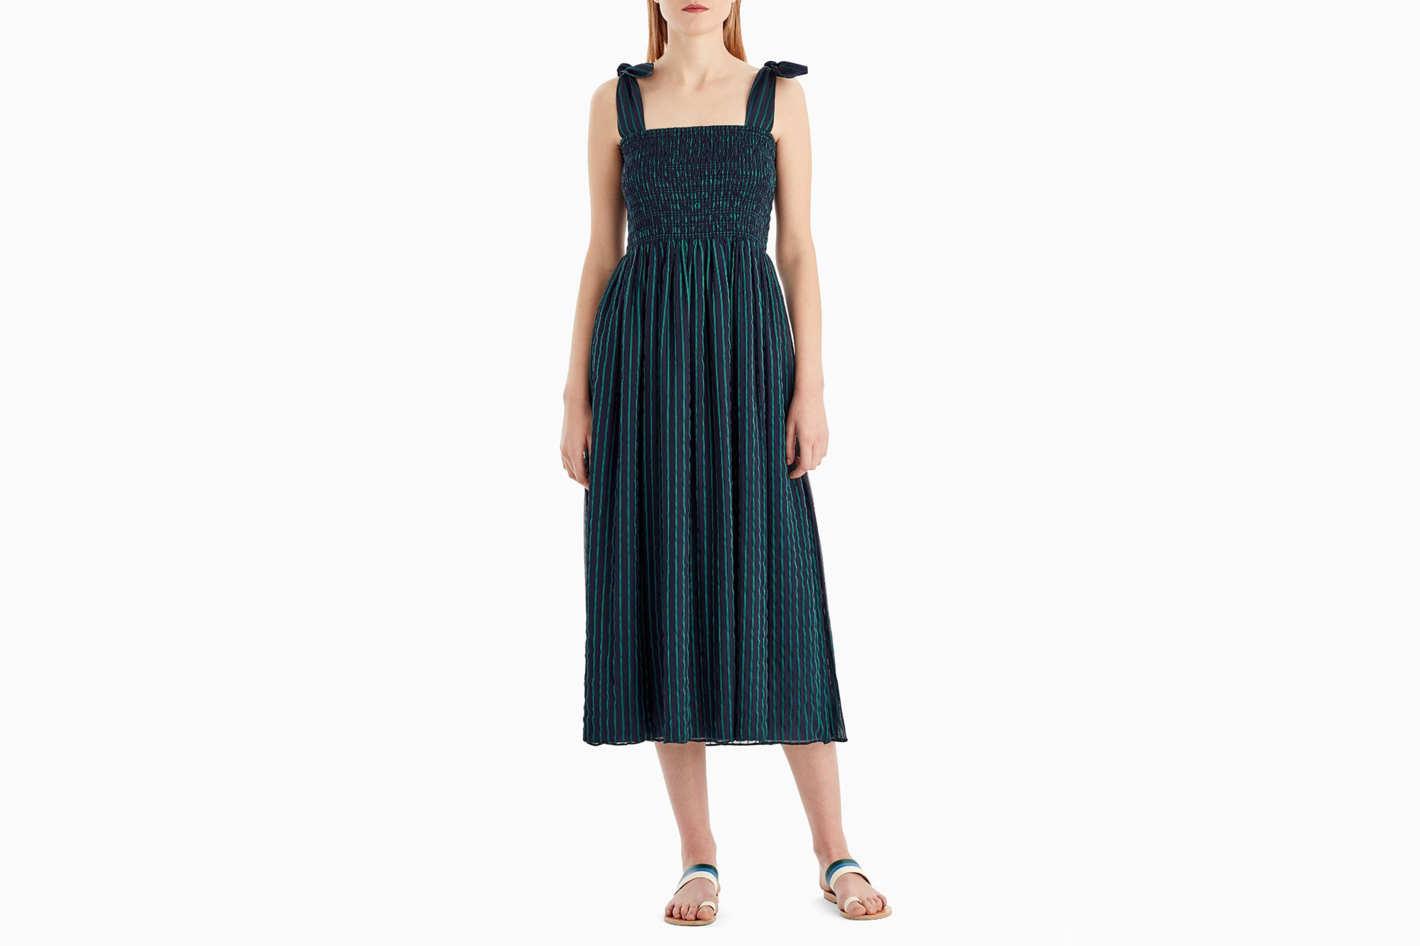 Grey by Jason Wu Striped Chiffon Sleeveless Dress